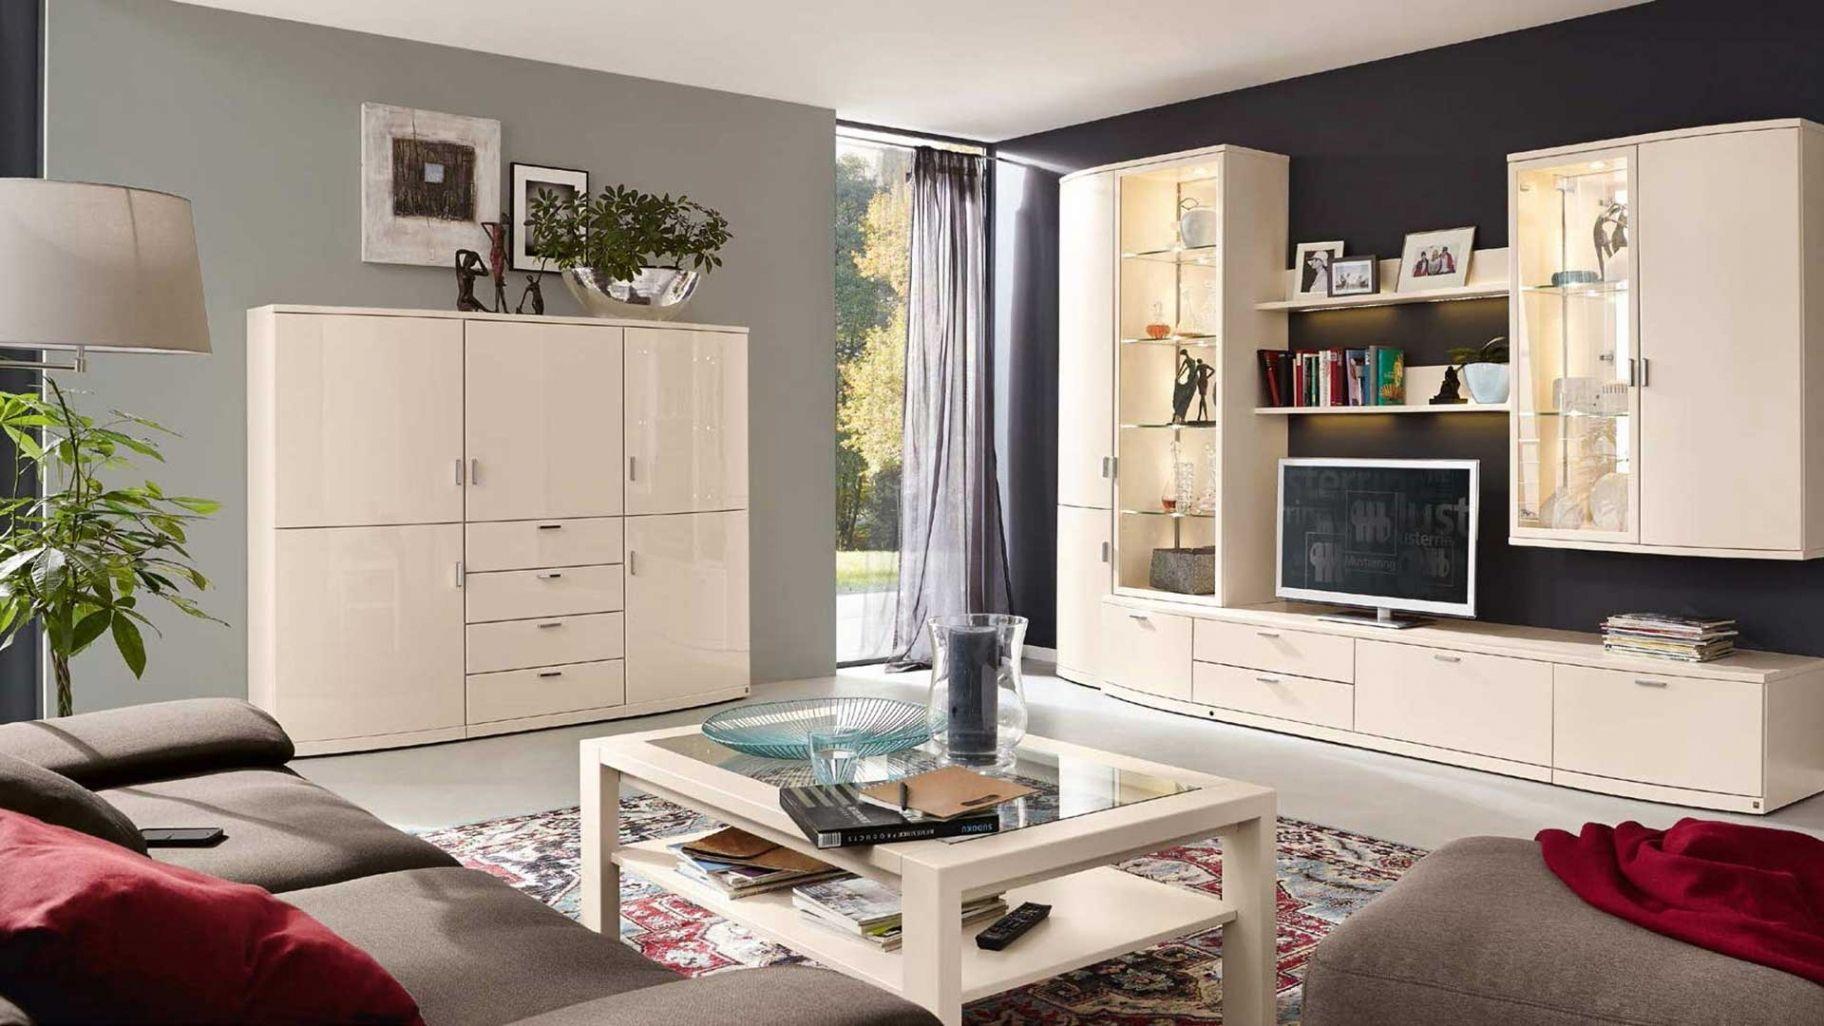 Wohnzimmermöbel Hersteller ~ Einzigartig wohnzimmermöbel musterring wohnzimmer ideen